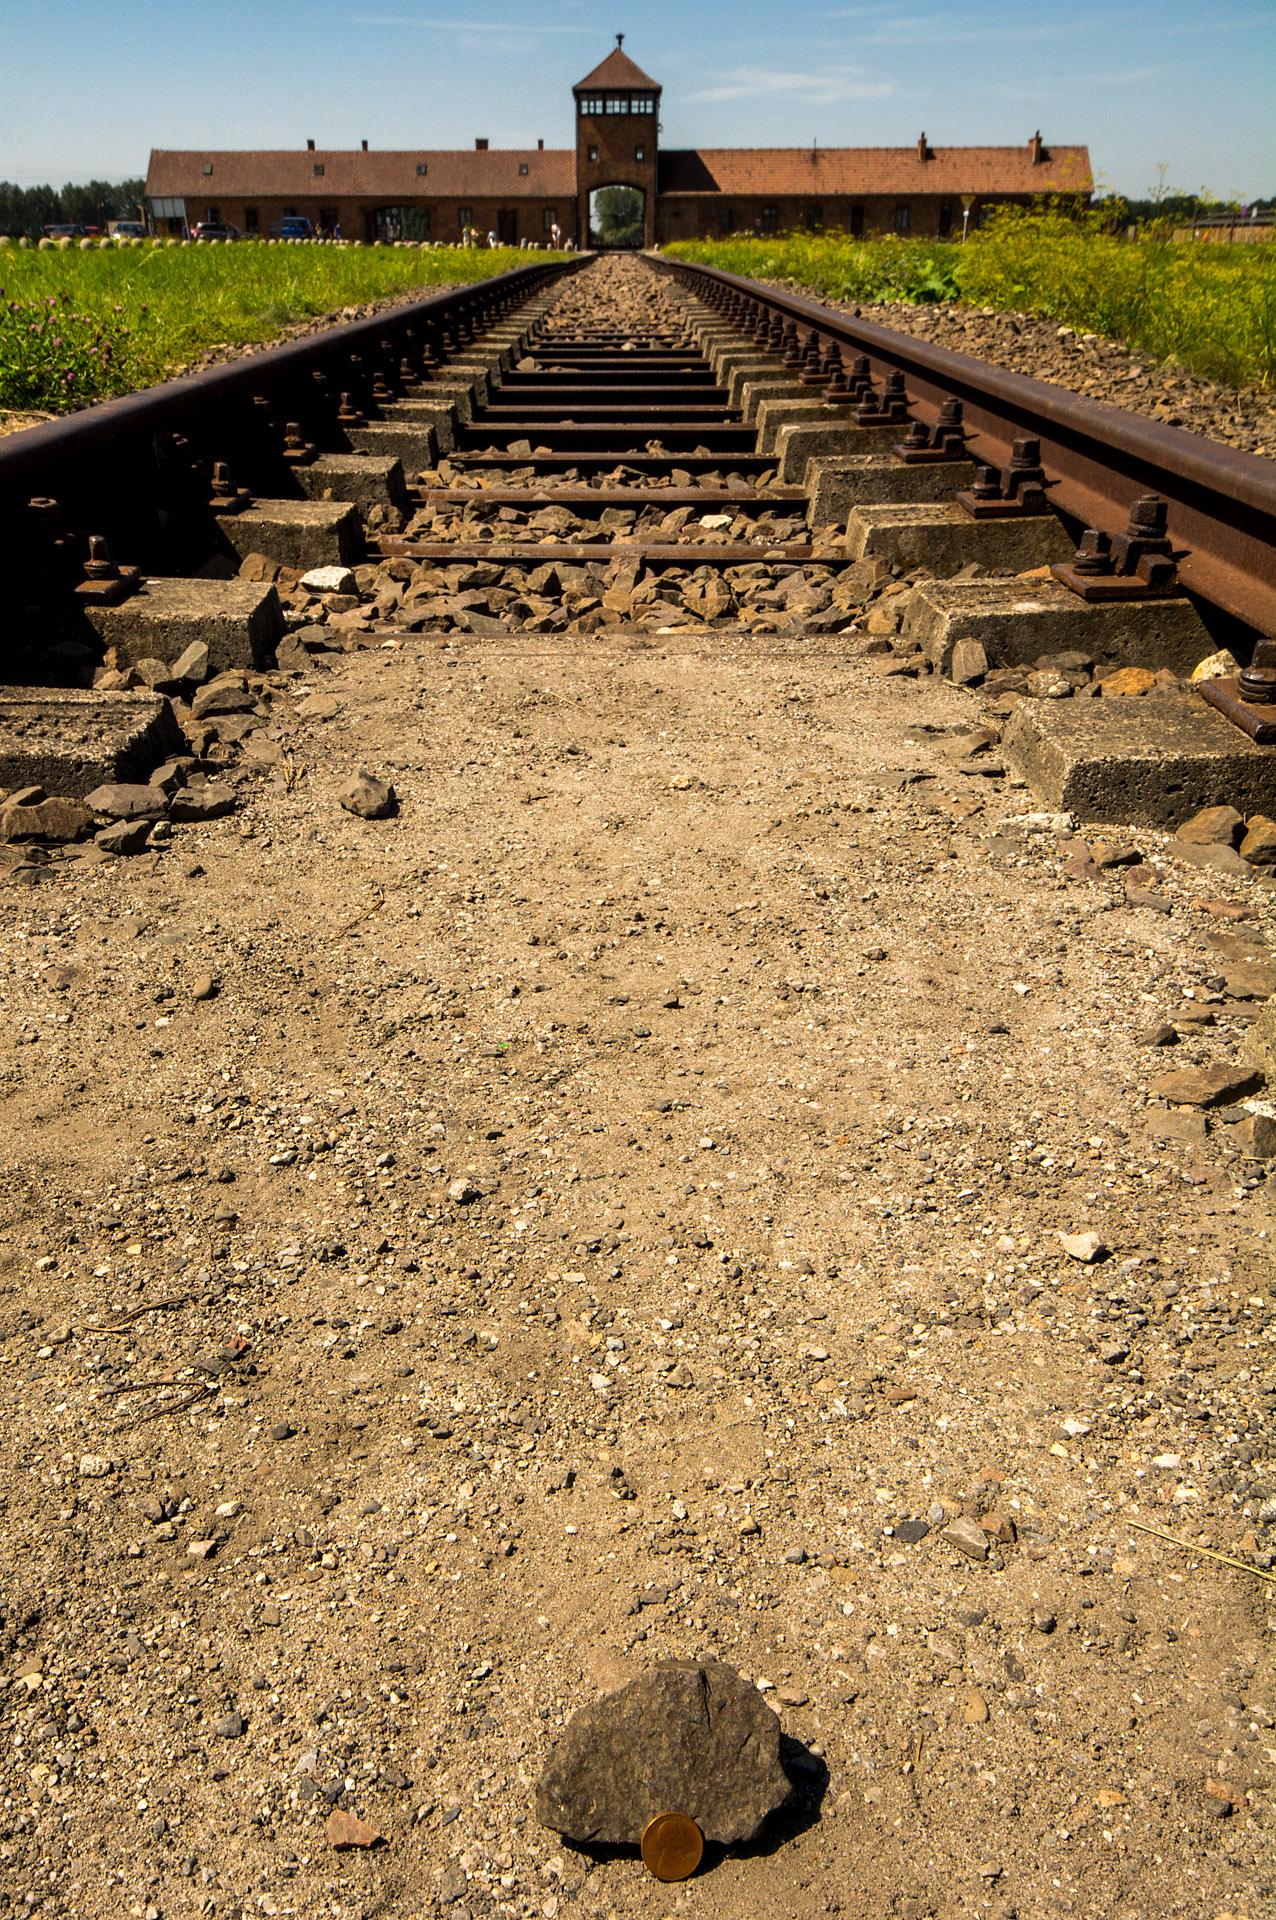 Auschwitz II-Birkenau, Oswiecim, Poland